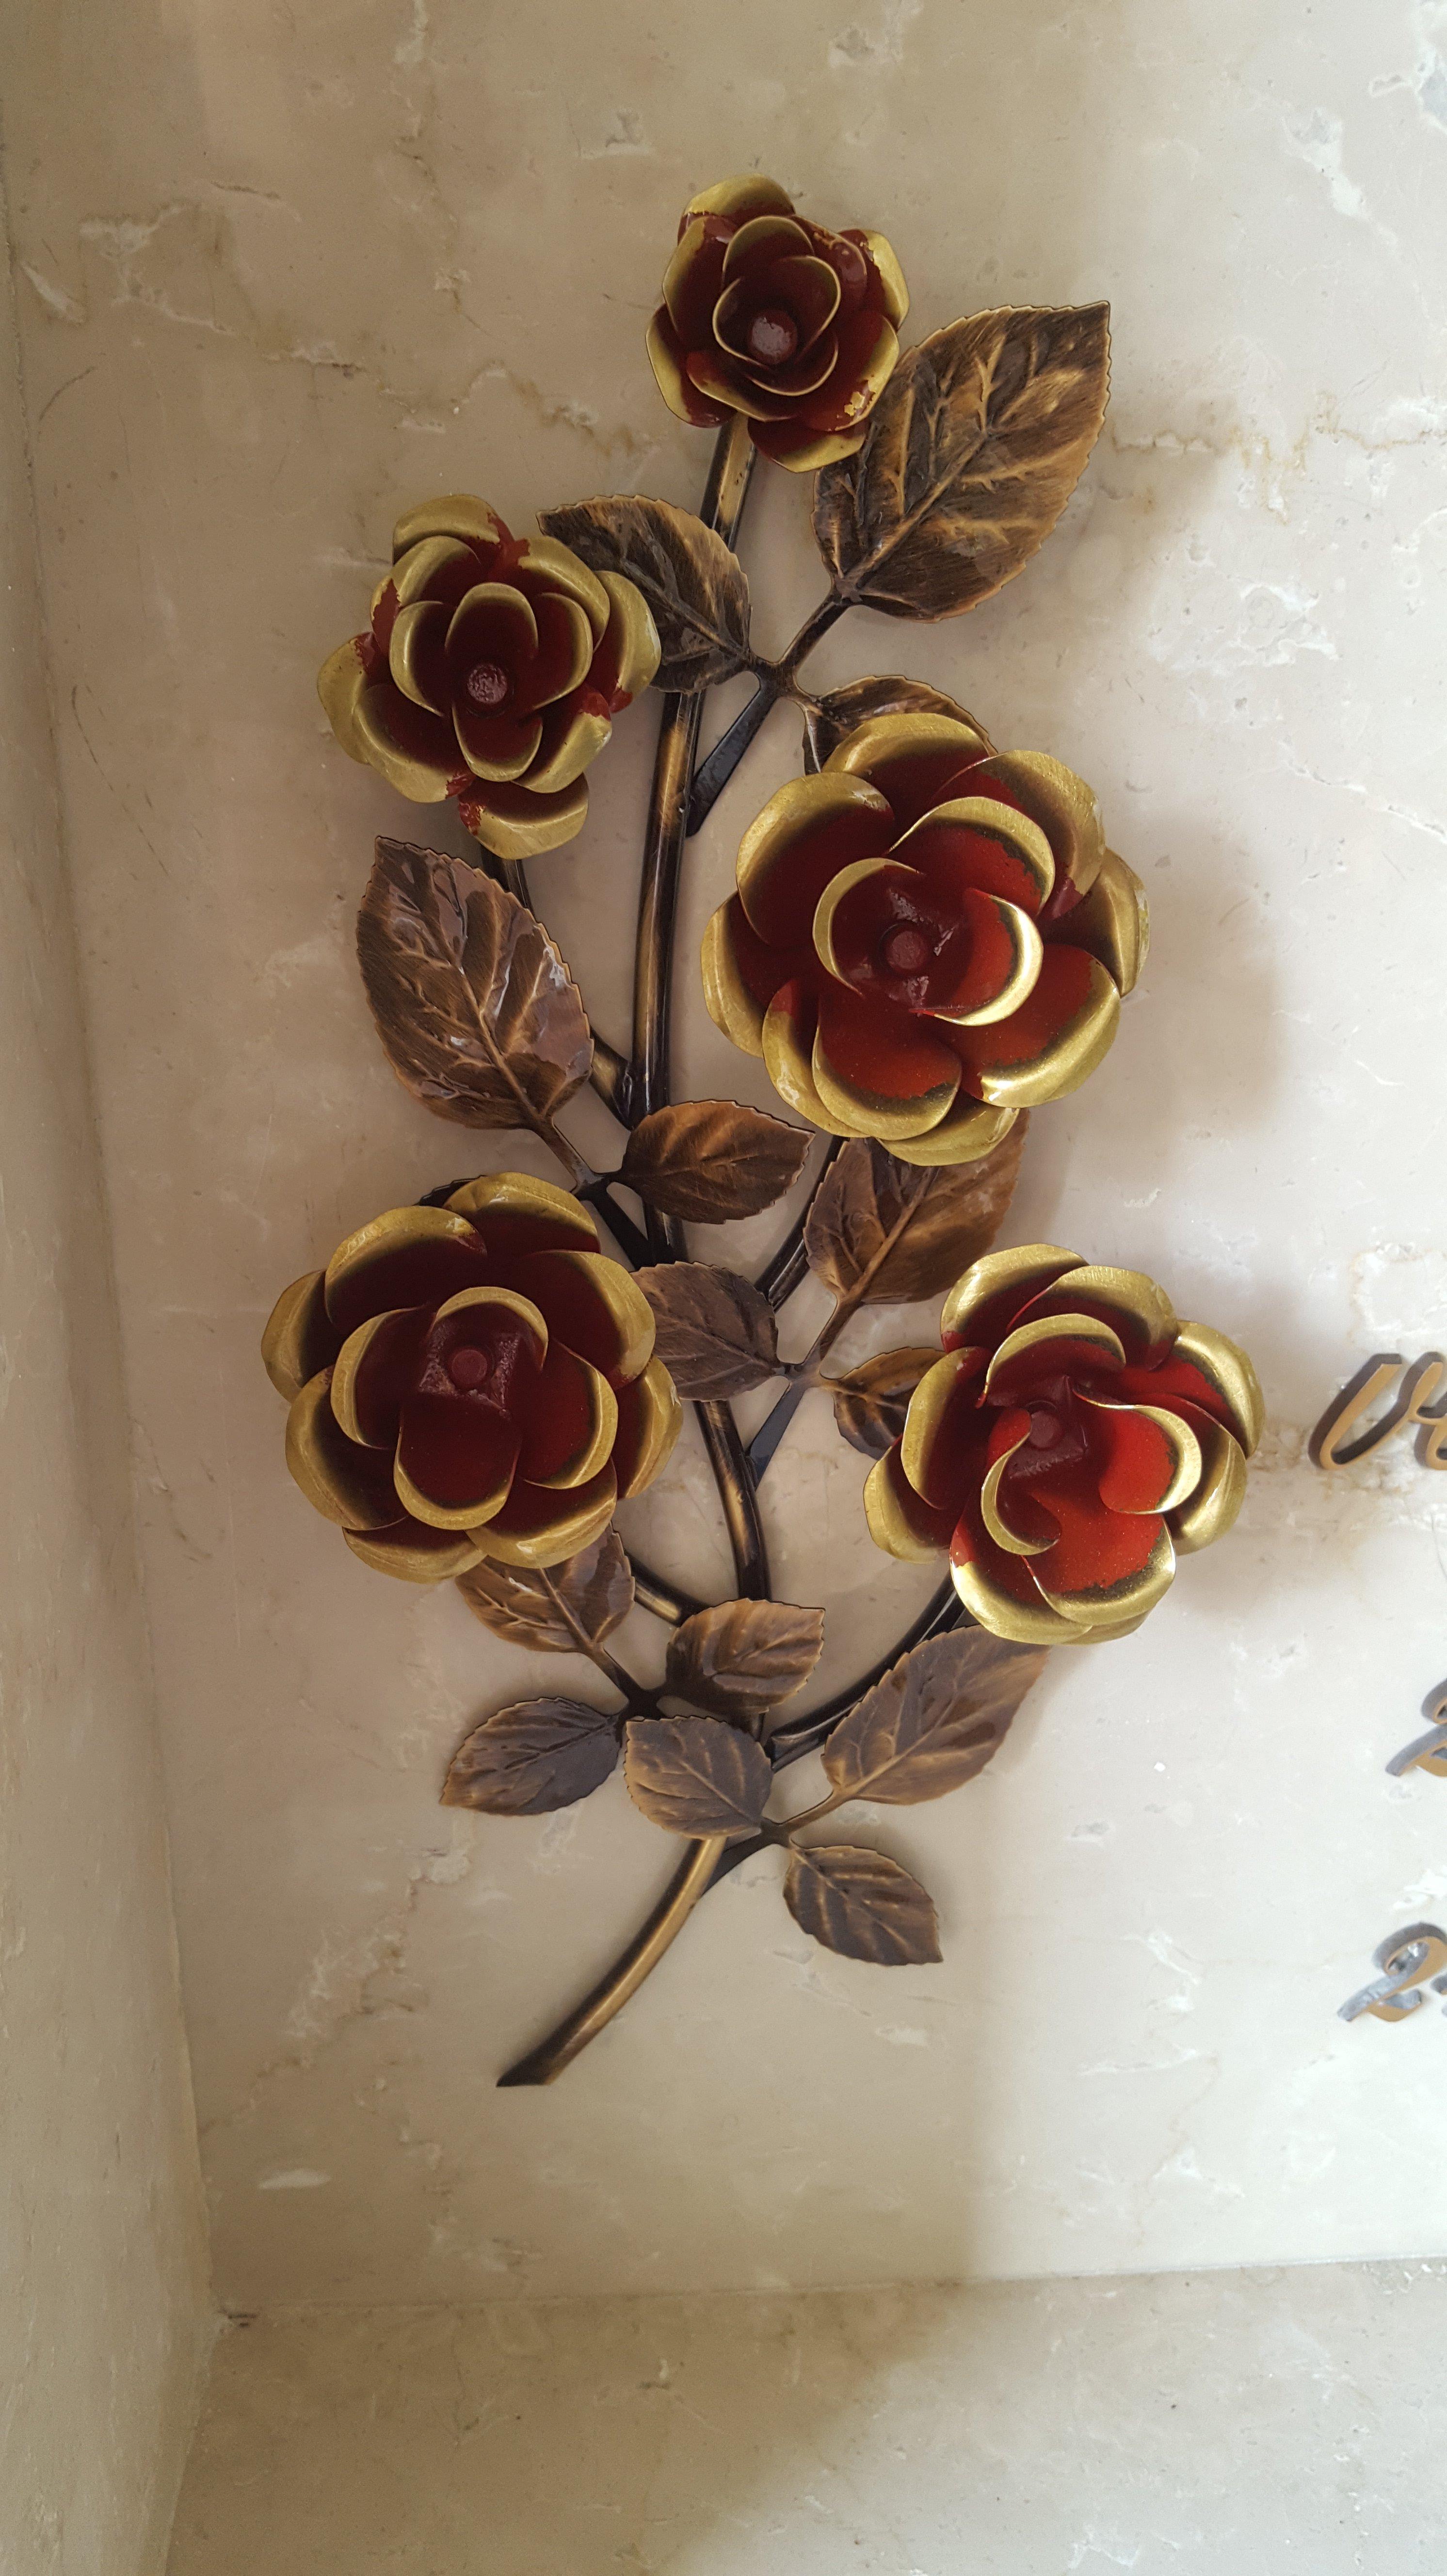 fiori 3d come decorazioni su una lapide